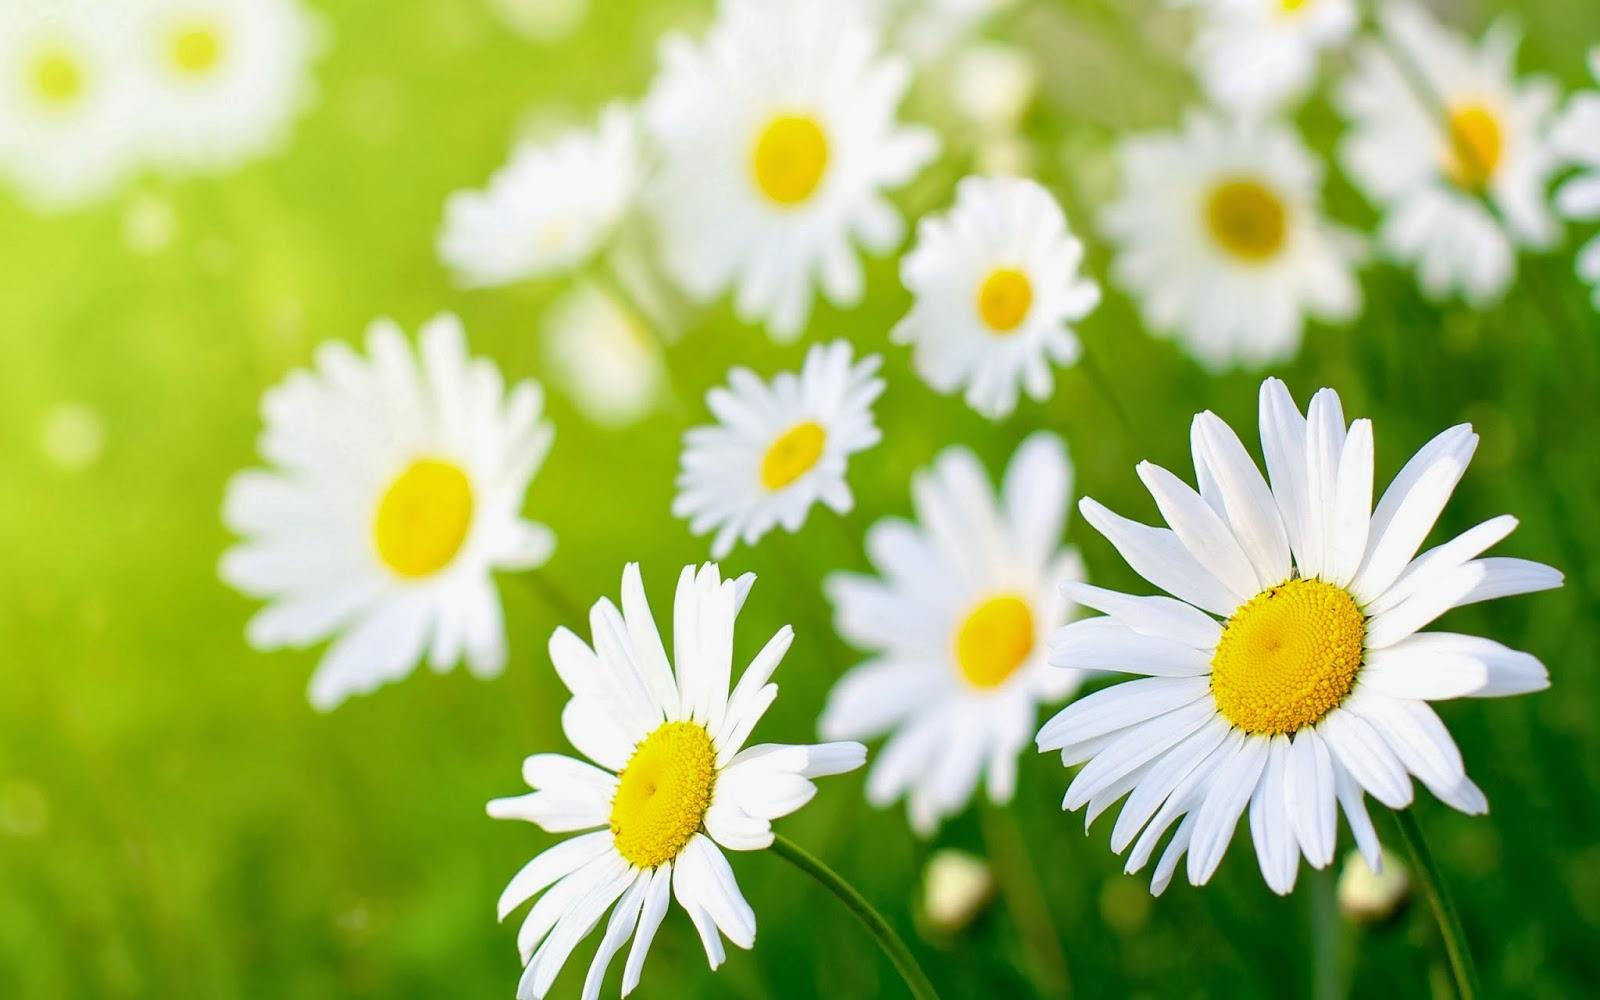 Flowers with melancholy daisy daisy izmirmasajfo